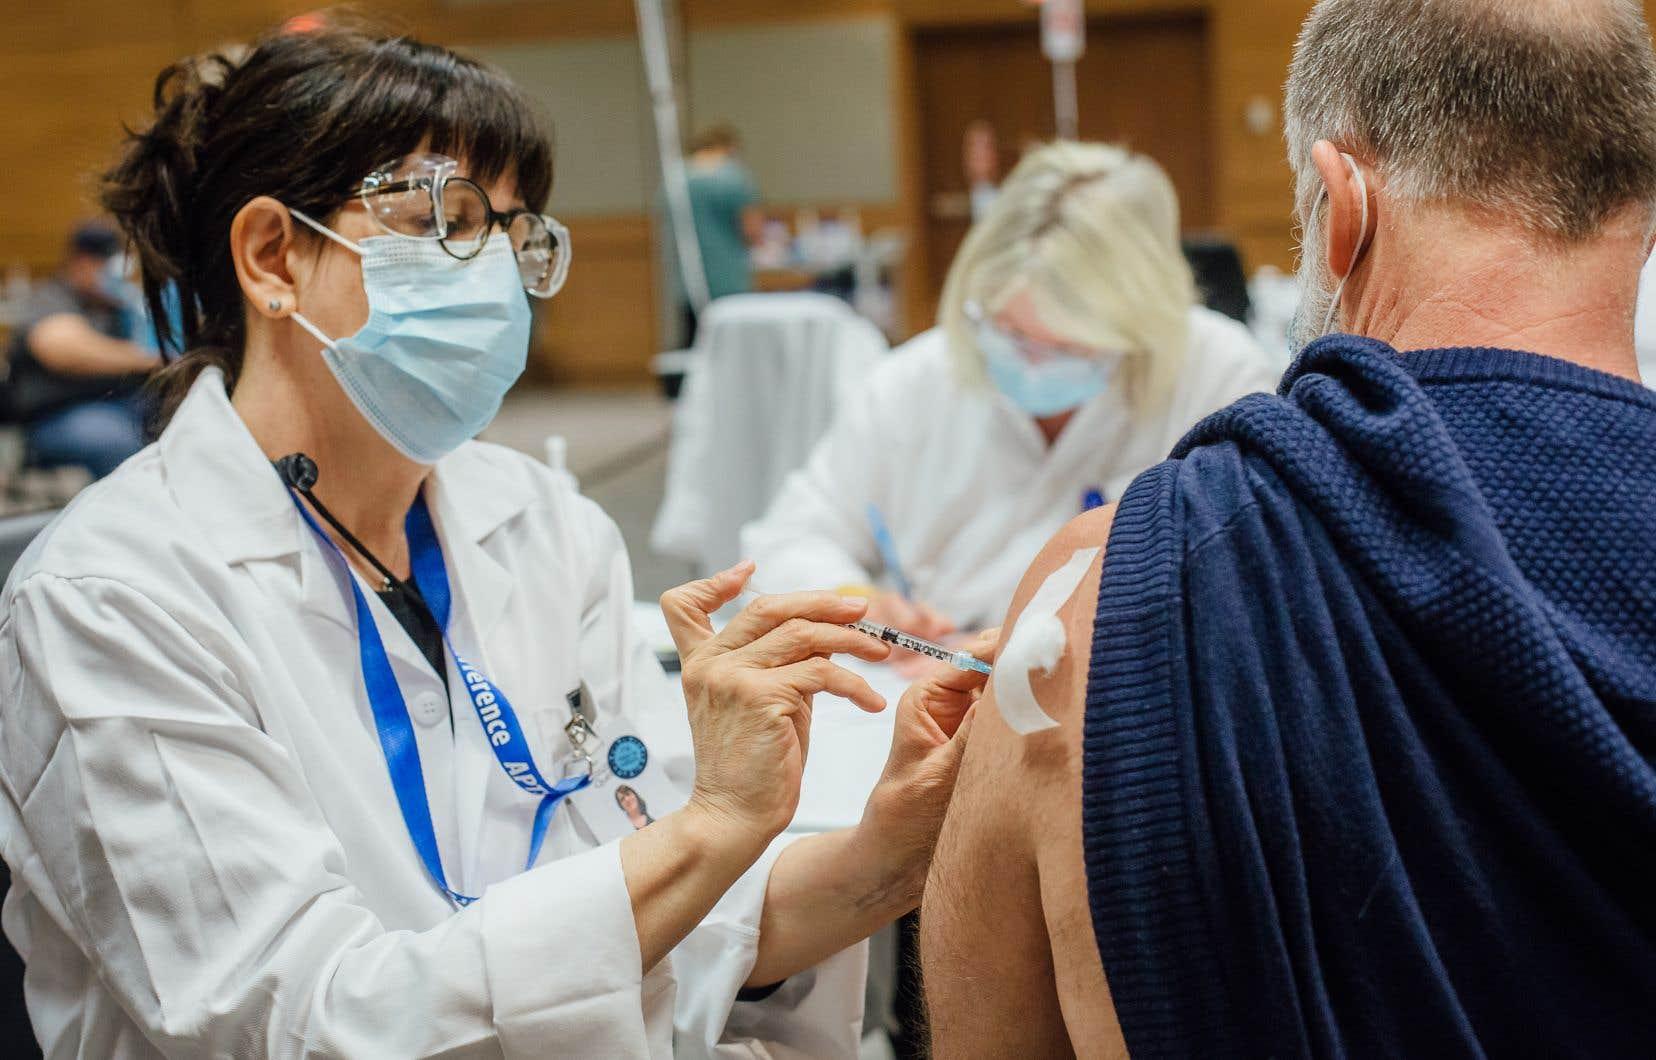 Environ 500 000 personnes au Québec ont obtenu une première dose du vaccin d'AstraZeneca au cours des derniers mois.